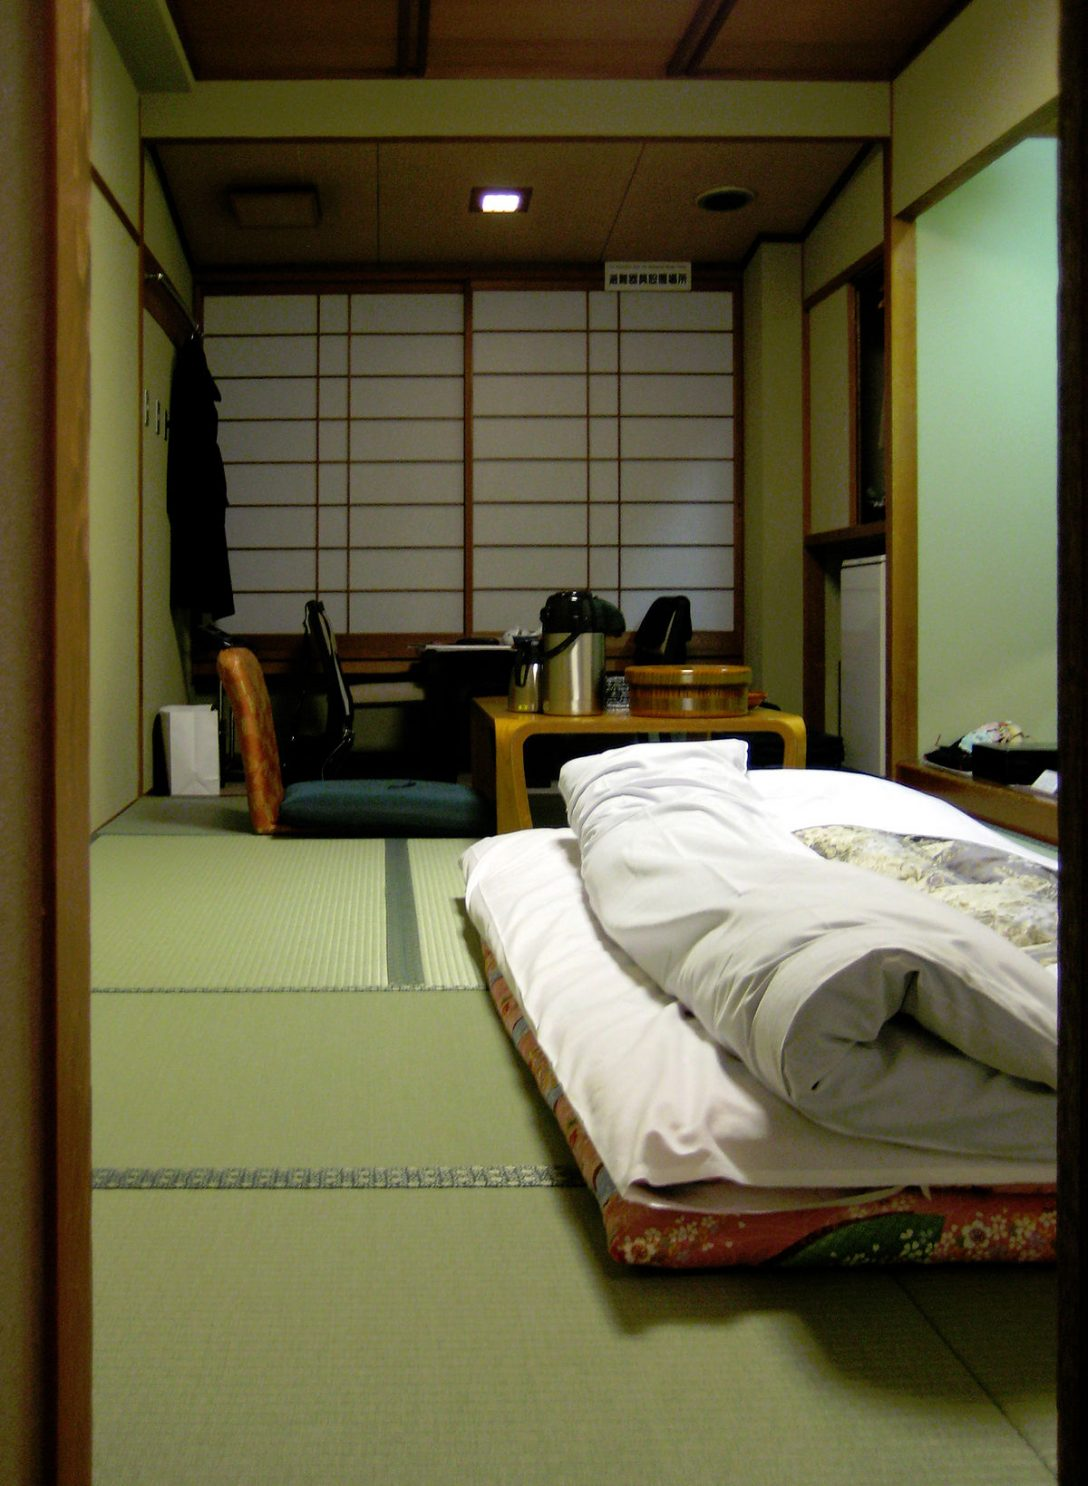 Large Size of Tatami Bett Betten Mit 80x200 160x200 Hoch Chesterfield Weiß 140x200 Kopfteil Für Konfigurieren Massiv 90x200 Lattenrost Und Matratze Unterbett 140 Rauch Bett Tatami Bett